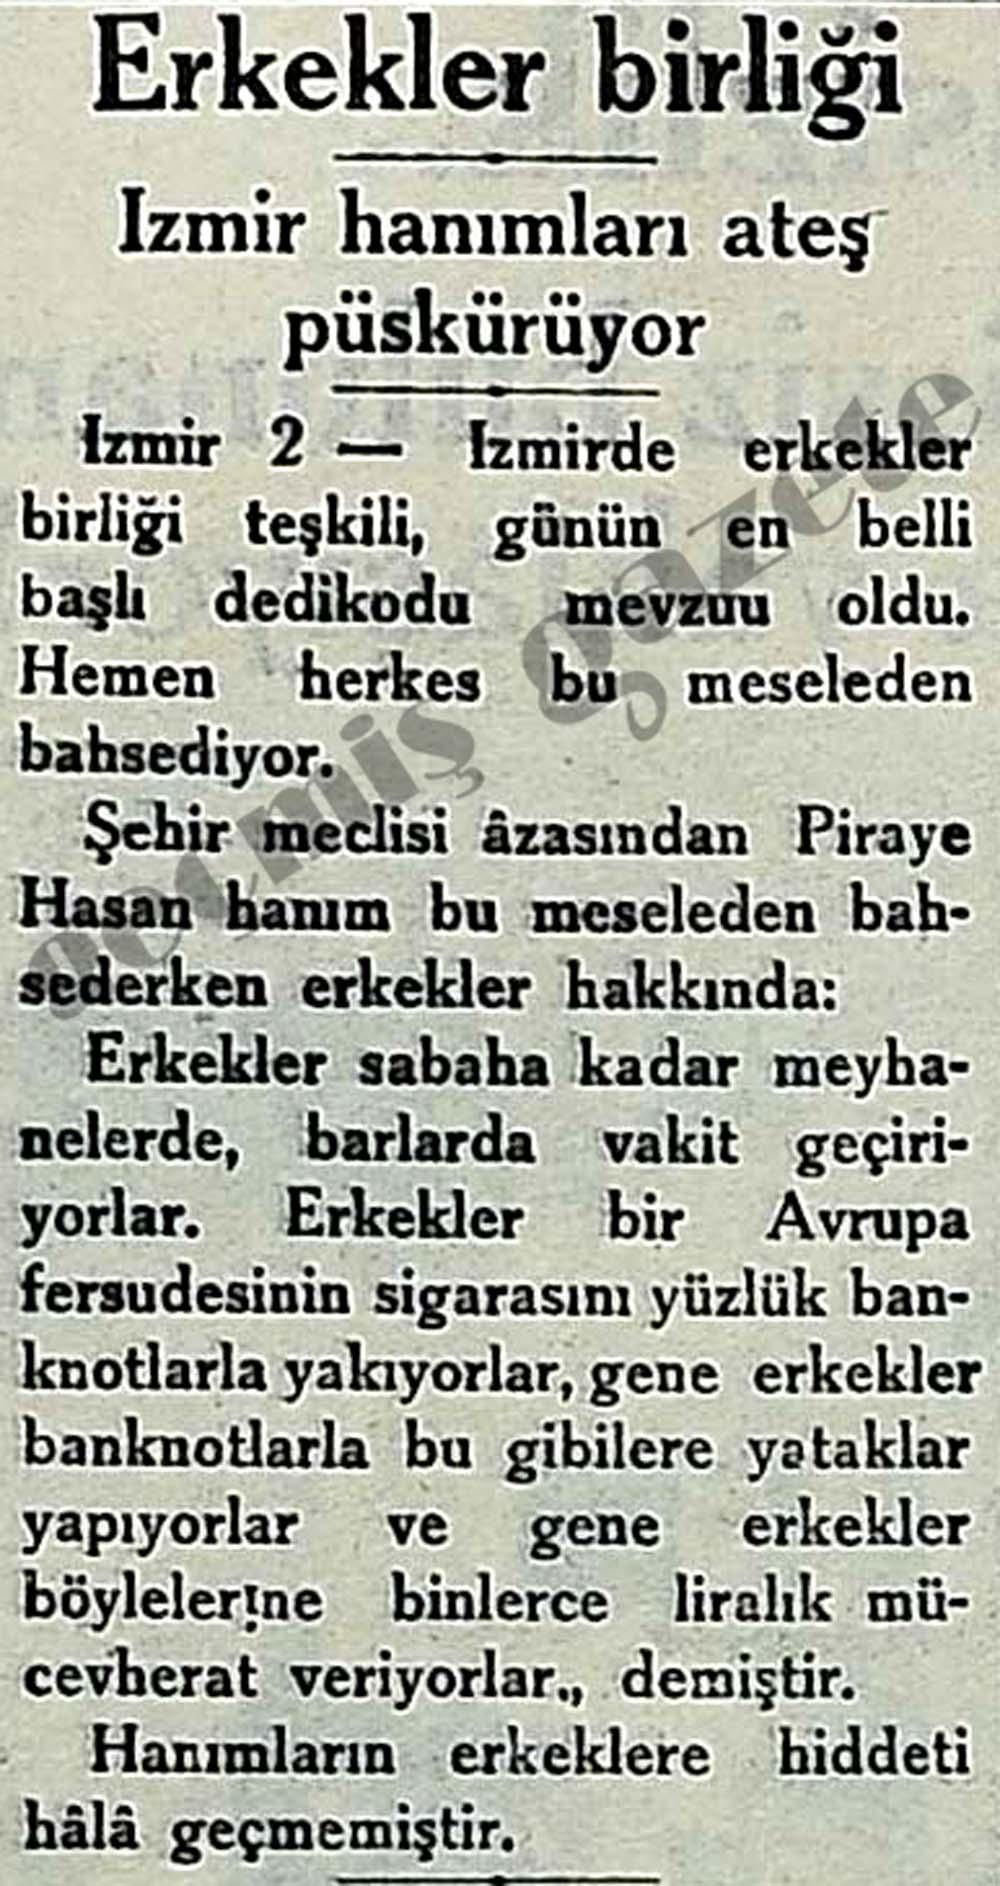 Erkekler birliği: İzmir hanımları ateş püskürüyor